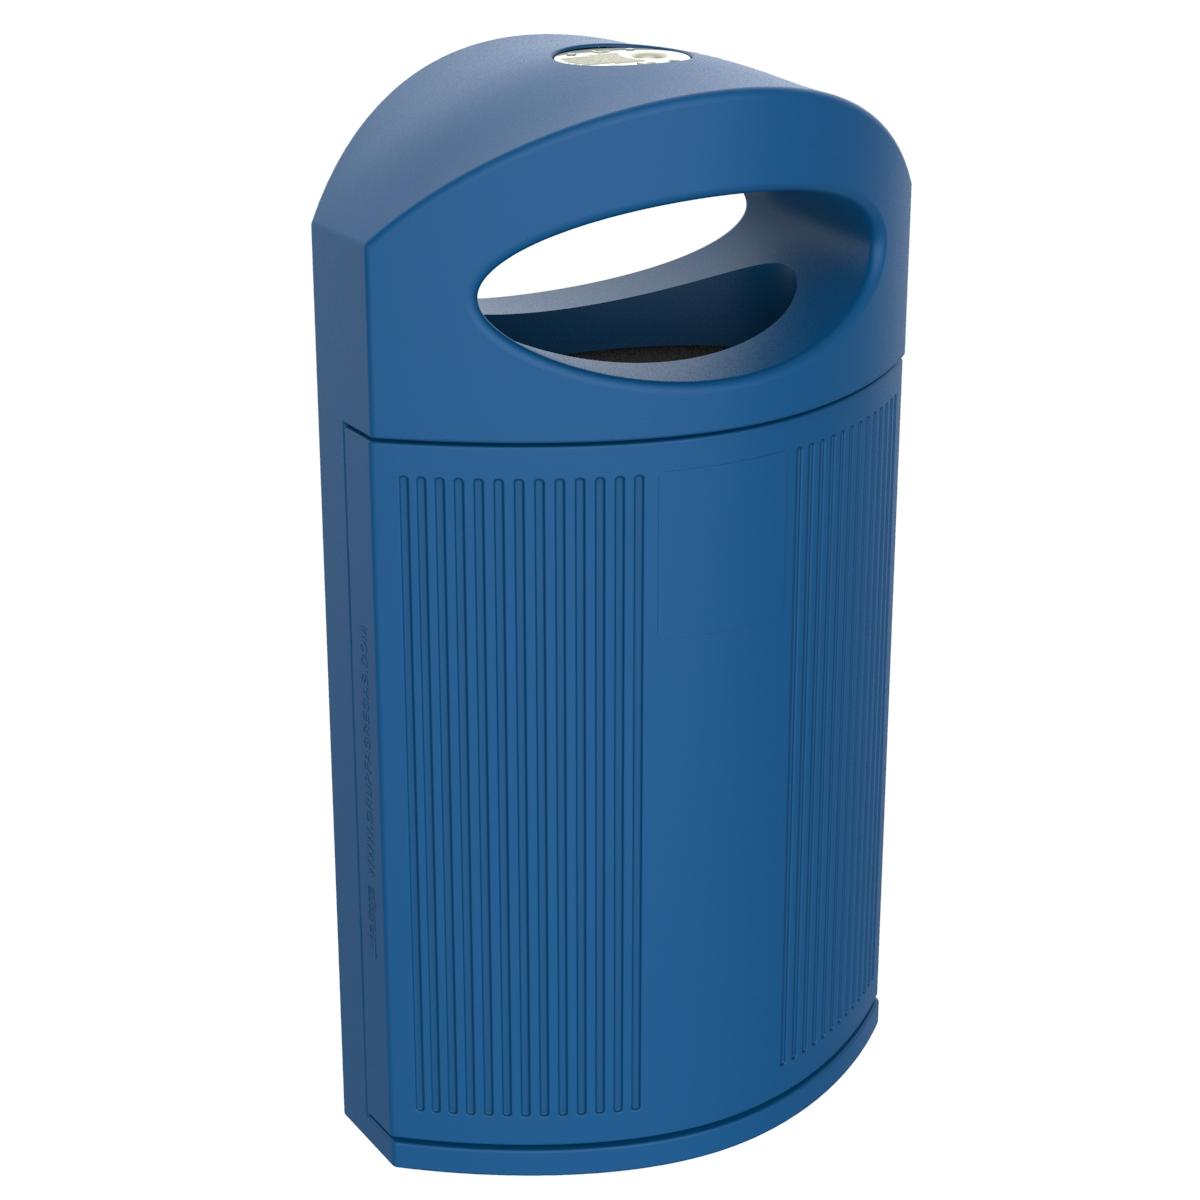 Afvalbak Ibiza voor in de horeaca - blauw